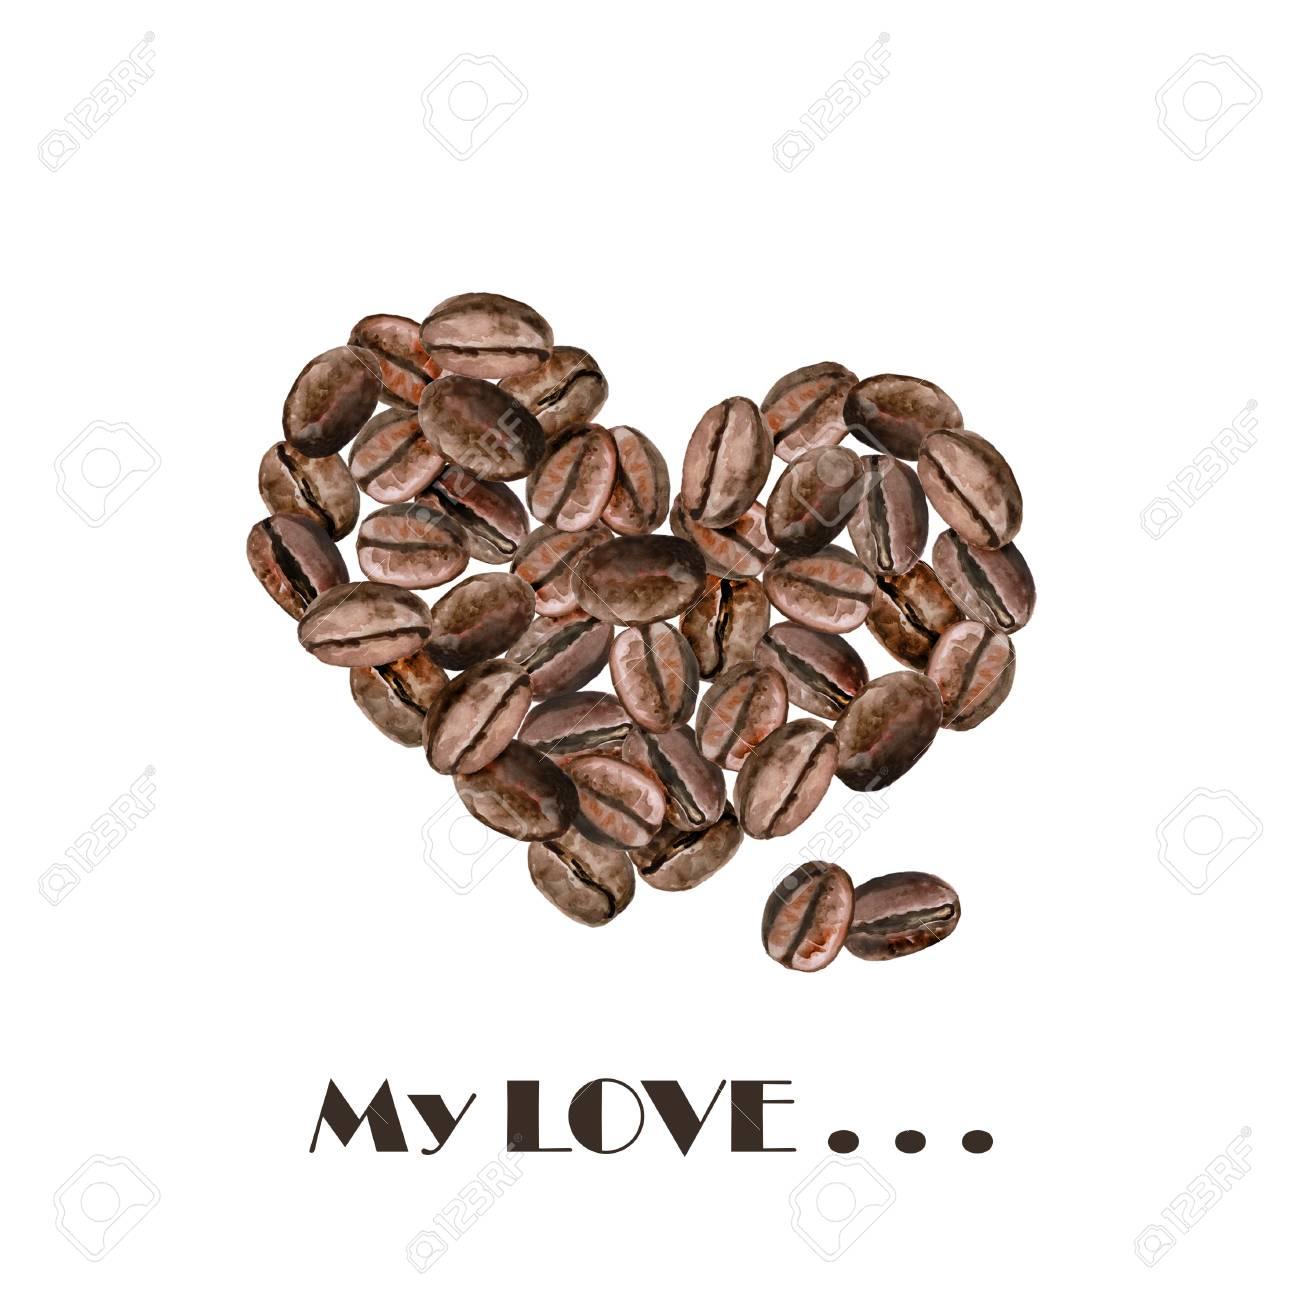 Aquarell Herz Gerösteten Kaffeebohnen Geformt. Hand Gezeichnet ...